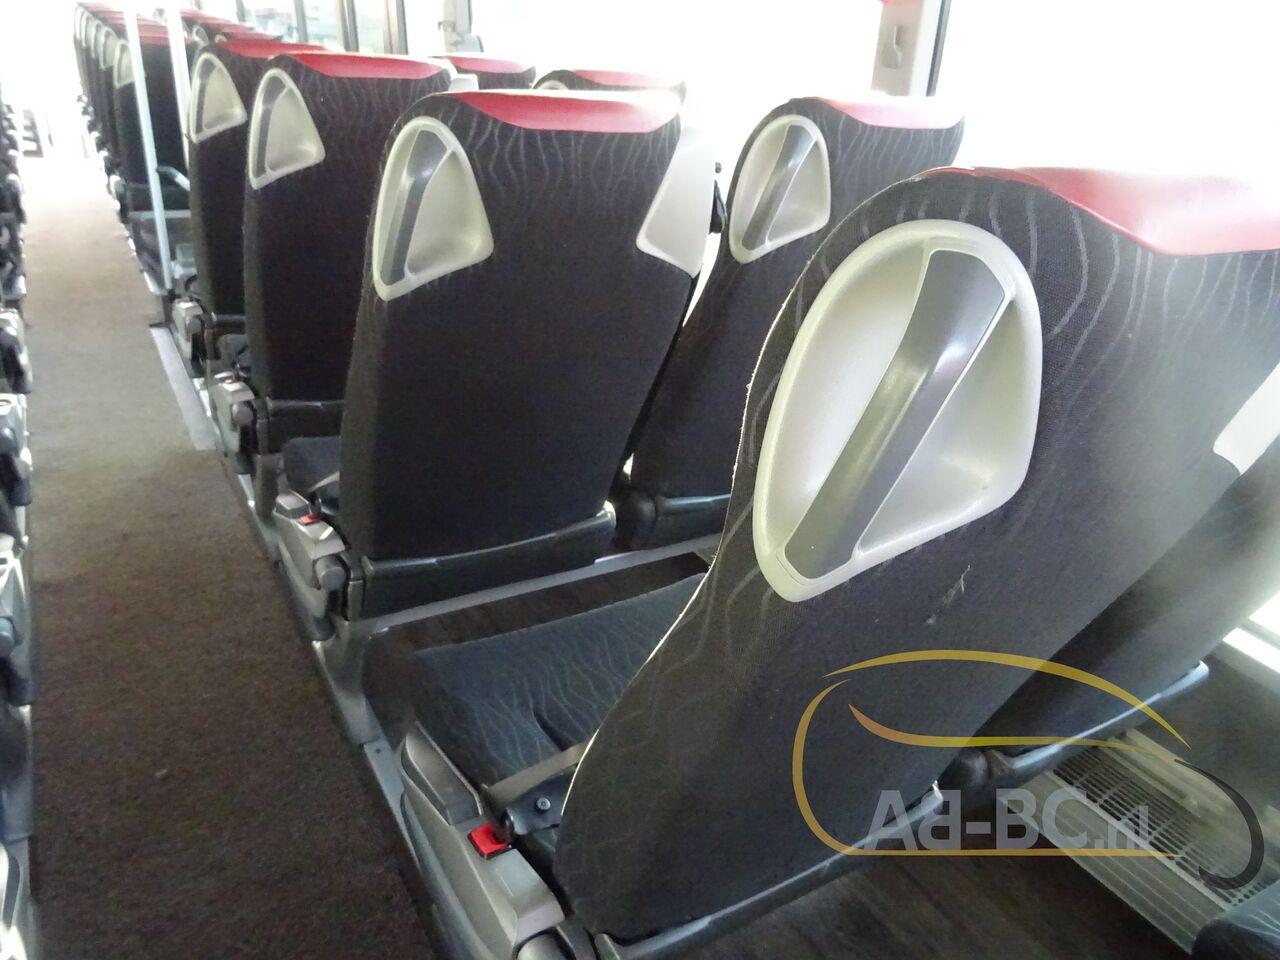 coach-bus-SETRA-S415H-52-Seats-EURO-6-Liftbus---1630913494125716292_big_6e3eb3b4330cfdfe5c489d59185505f1--21070517141280735500